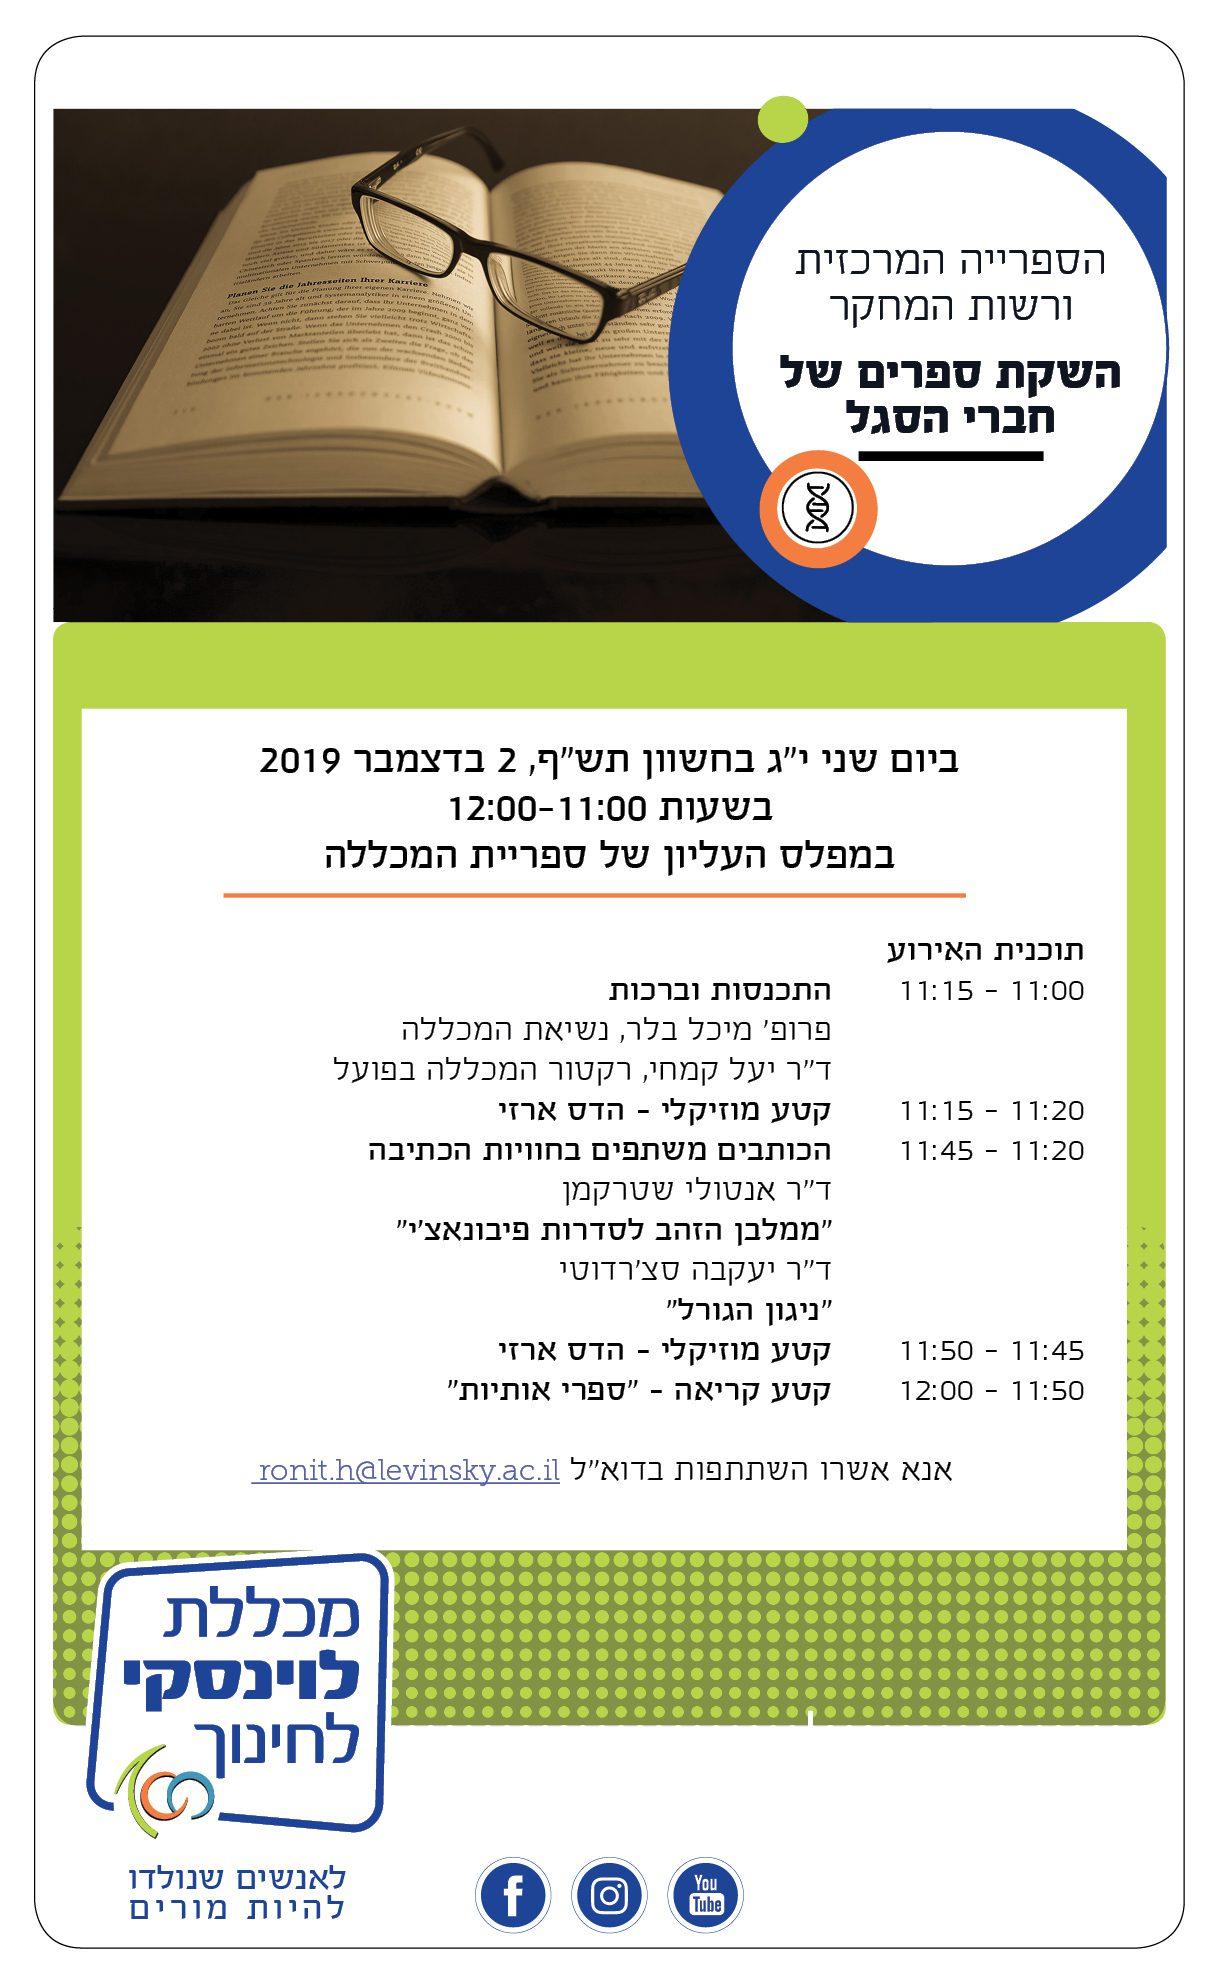 הזמנה להשקת ספרים בספרייה ב- 2.12.2019